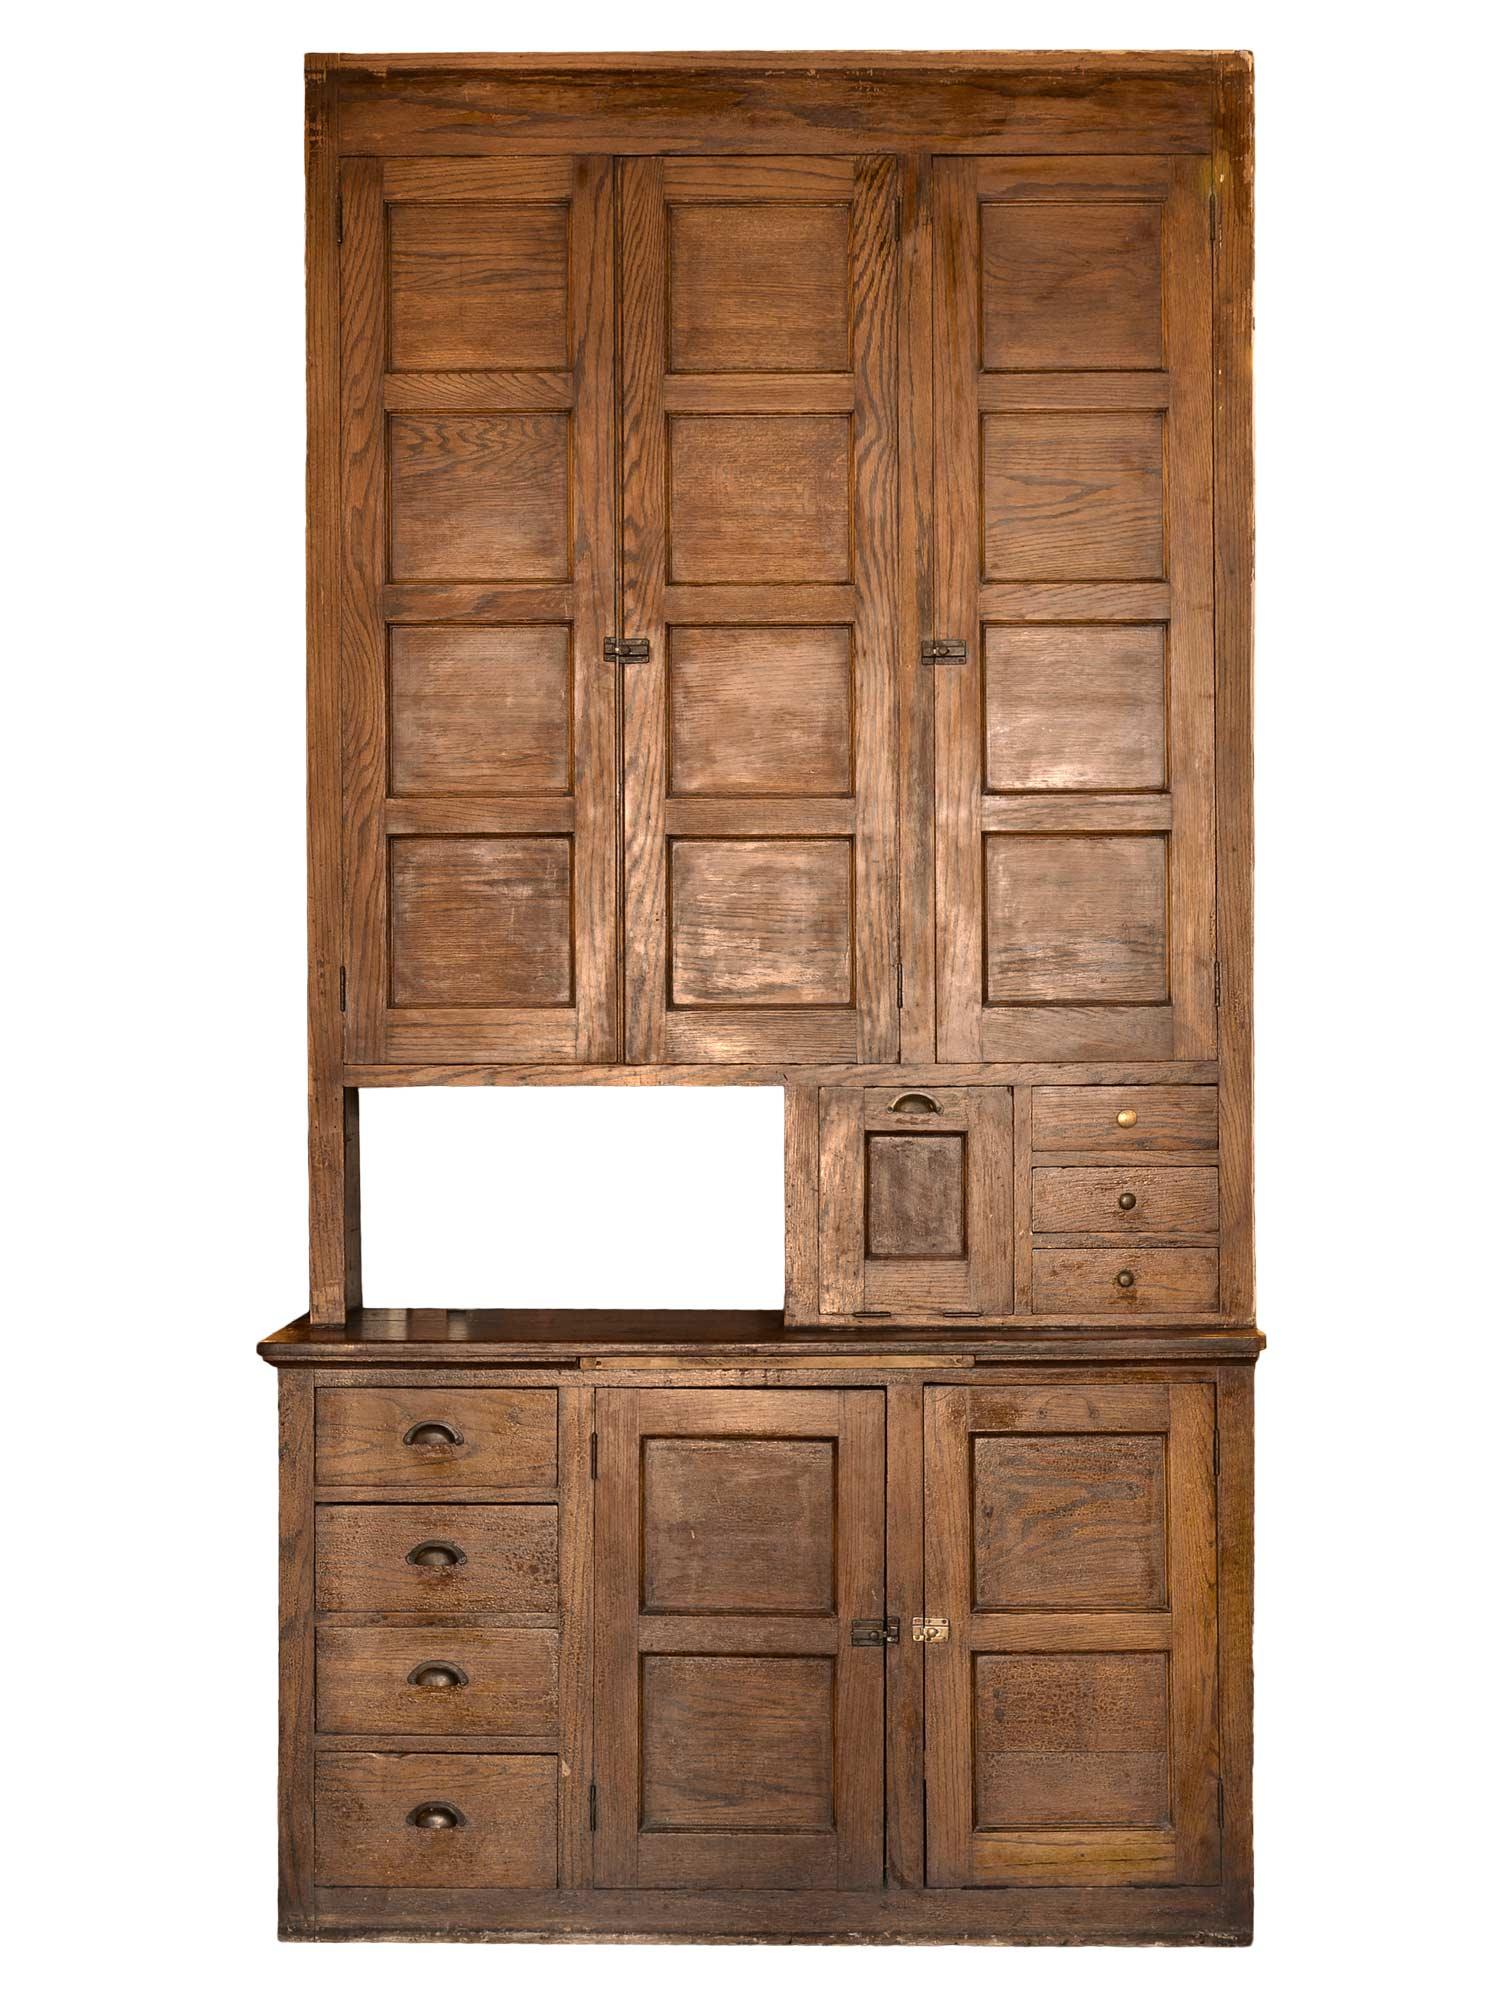 46039-oak-kitchen-cabinet-front.jpg